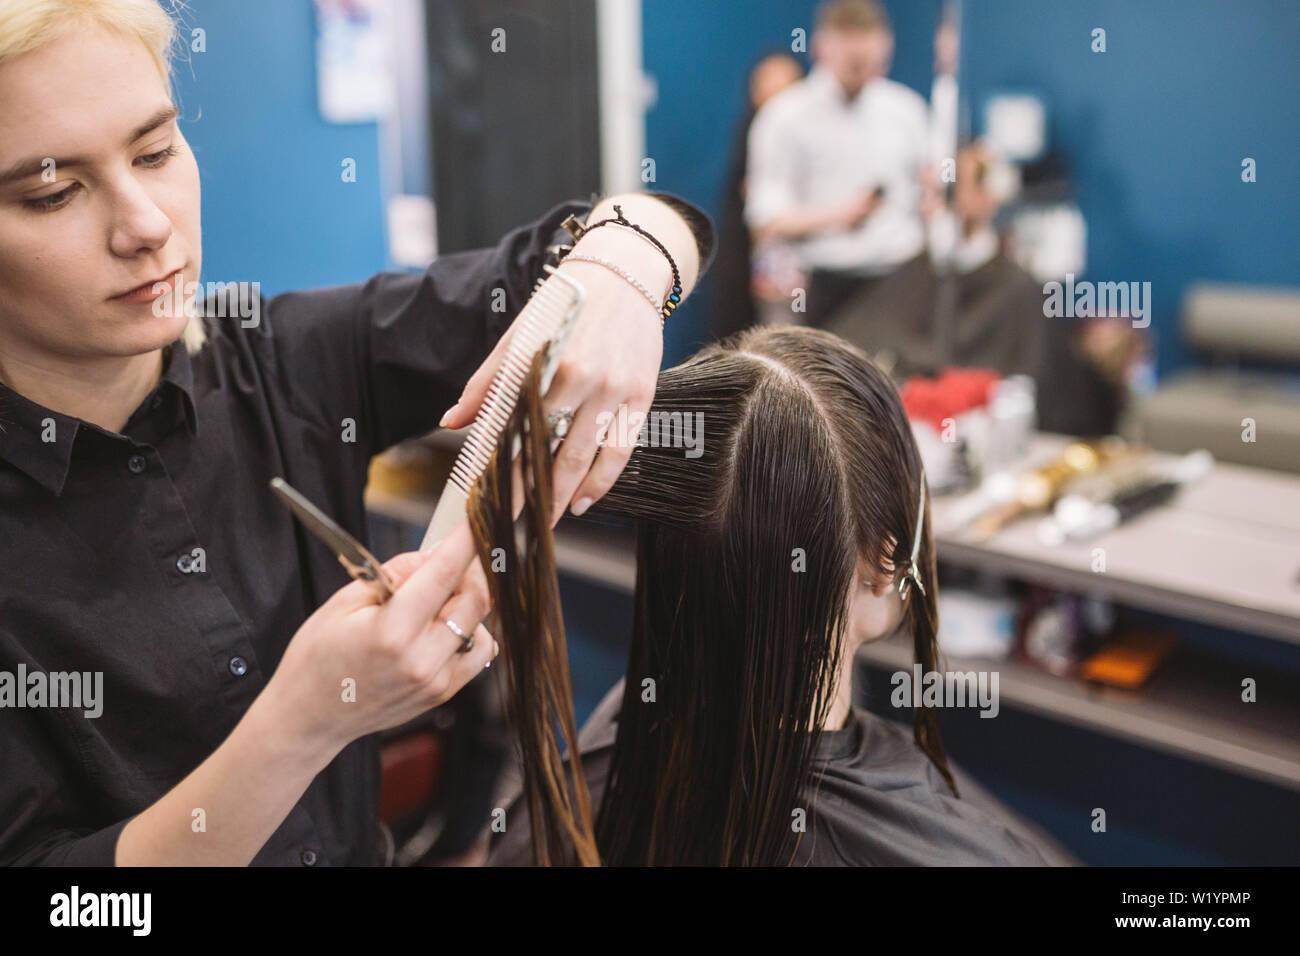 Friseur Holding Schere Und Kamm Und Macht Haarschnitt Frau Client